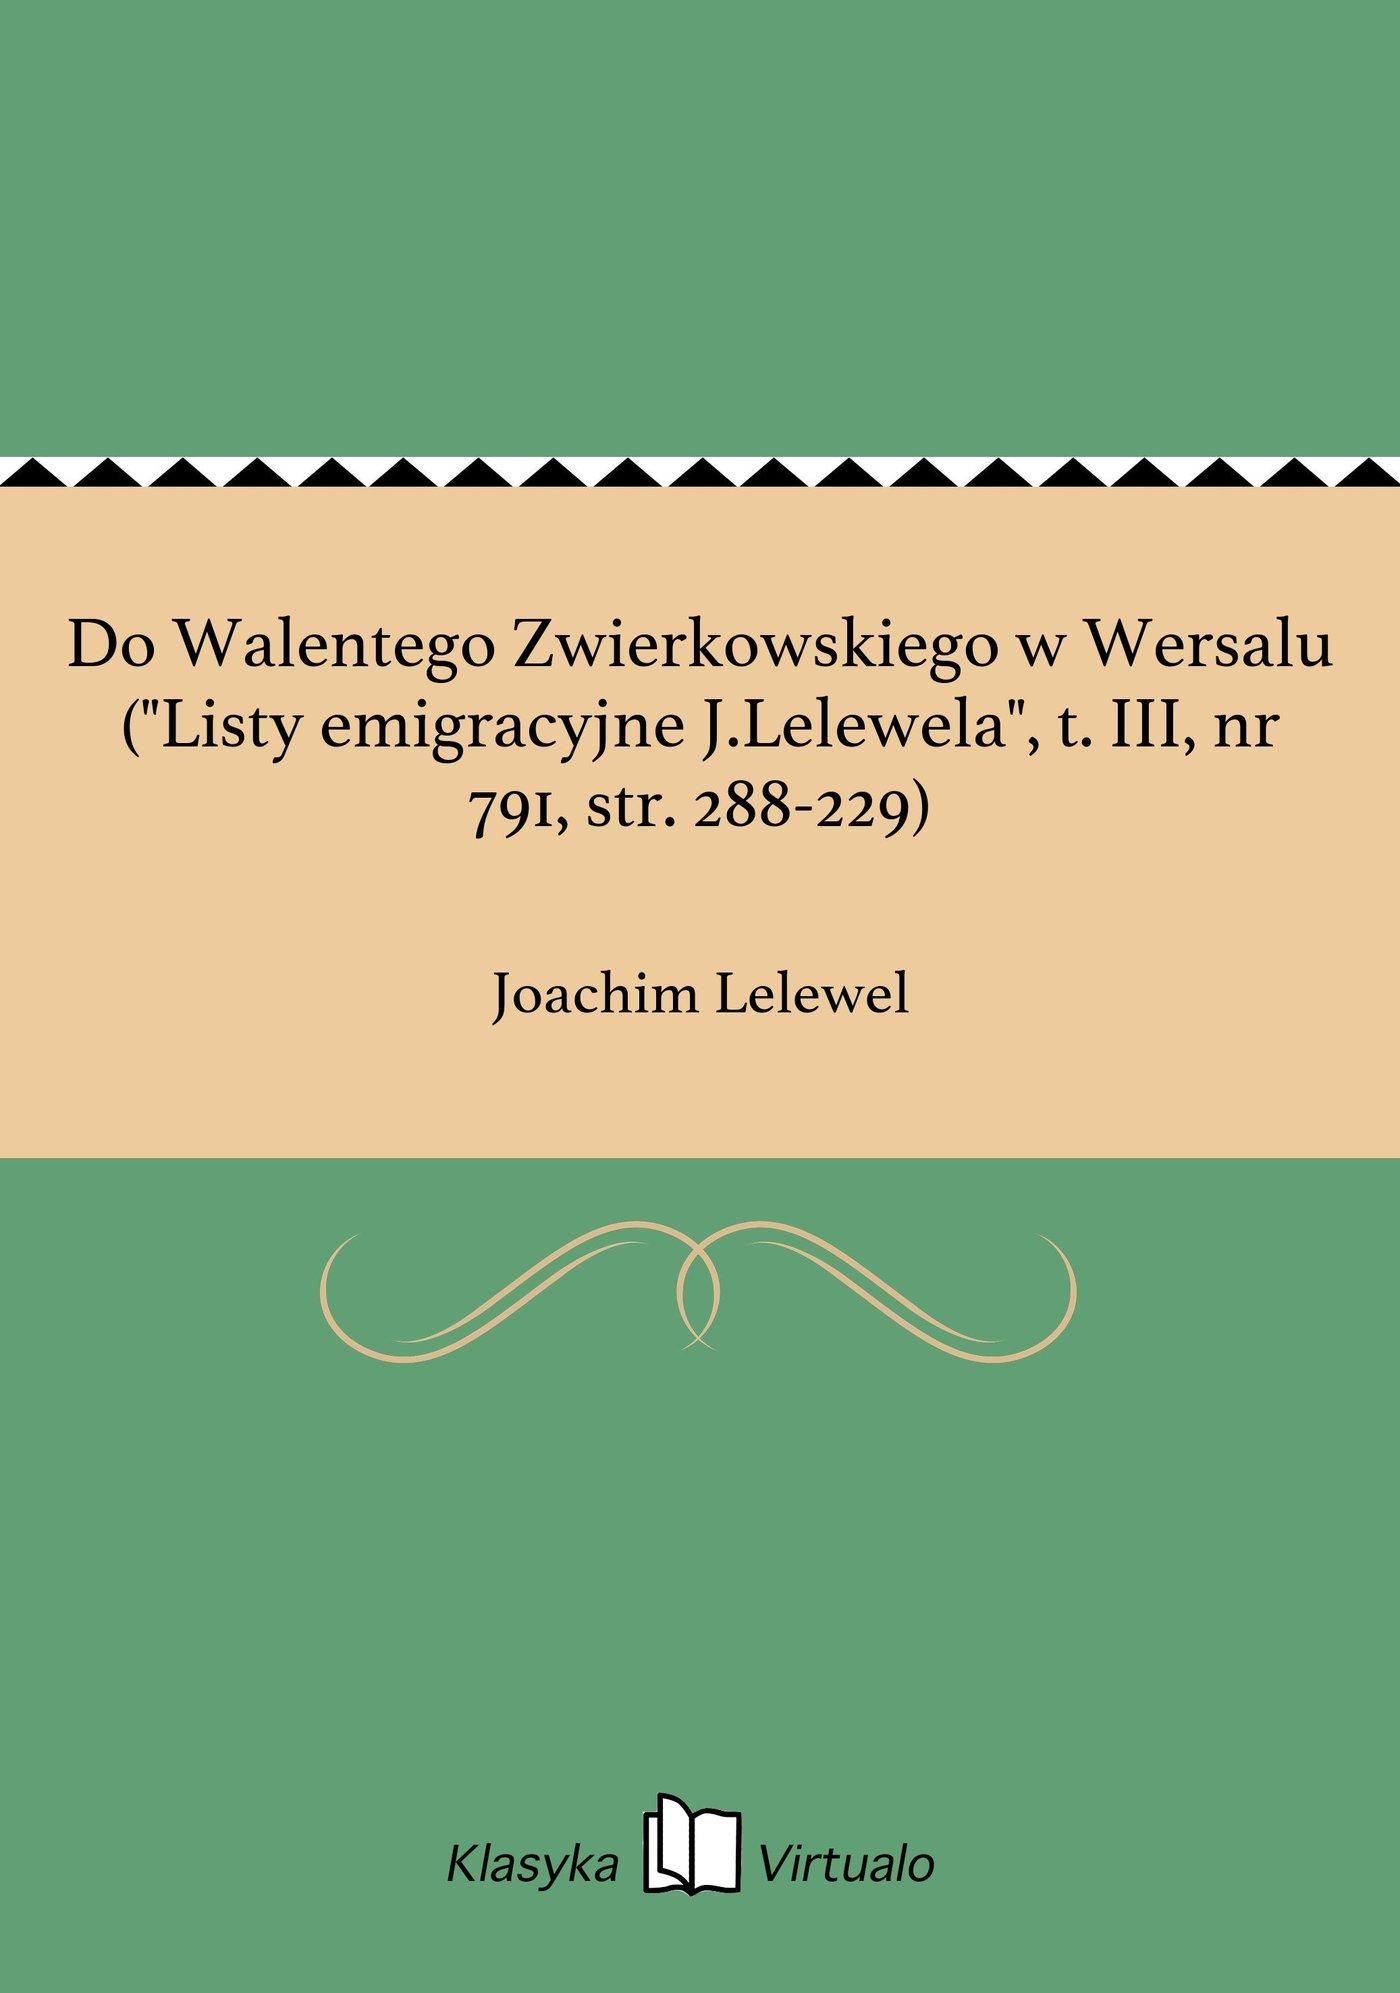 """Do Walentego Zwierkowskiego w Wersalu (""""Listy emigracyjne J.Lelewela"""", t. III, nr 791, str. 288-229) - Ebook (Książka EPUB) do pobrania w formacie EPUB"""